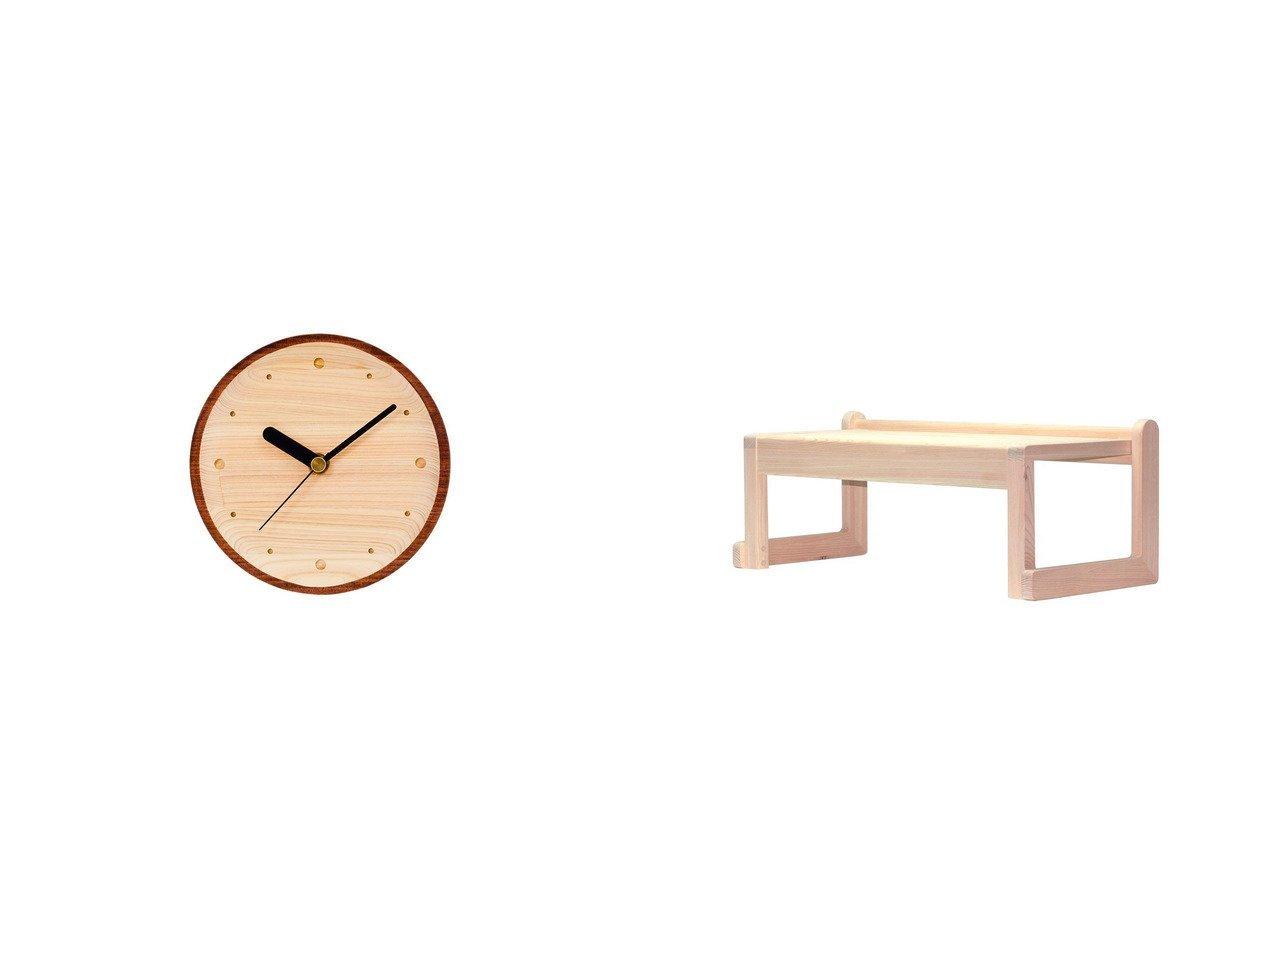 【HINOKIKAGU/ヒノキカグ】のモリト ベンチ&四万十ヒノキの置き時計 四万十ヒノキの置き時計  【FURNITURE】Made in Japan 日本製 おすすめ!人気、インテリア・家具の通販 おすすめで人気の流行・トレンド、ファッションの通販商品 メンズファッション・キッズファッション・インテリア・家具・レディースファッション・服の通販 founy(ファニー) https://founy.com/ ブロック 時計 送料無料 Free Shipping シンプル |ID:crp329100000026818